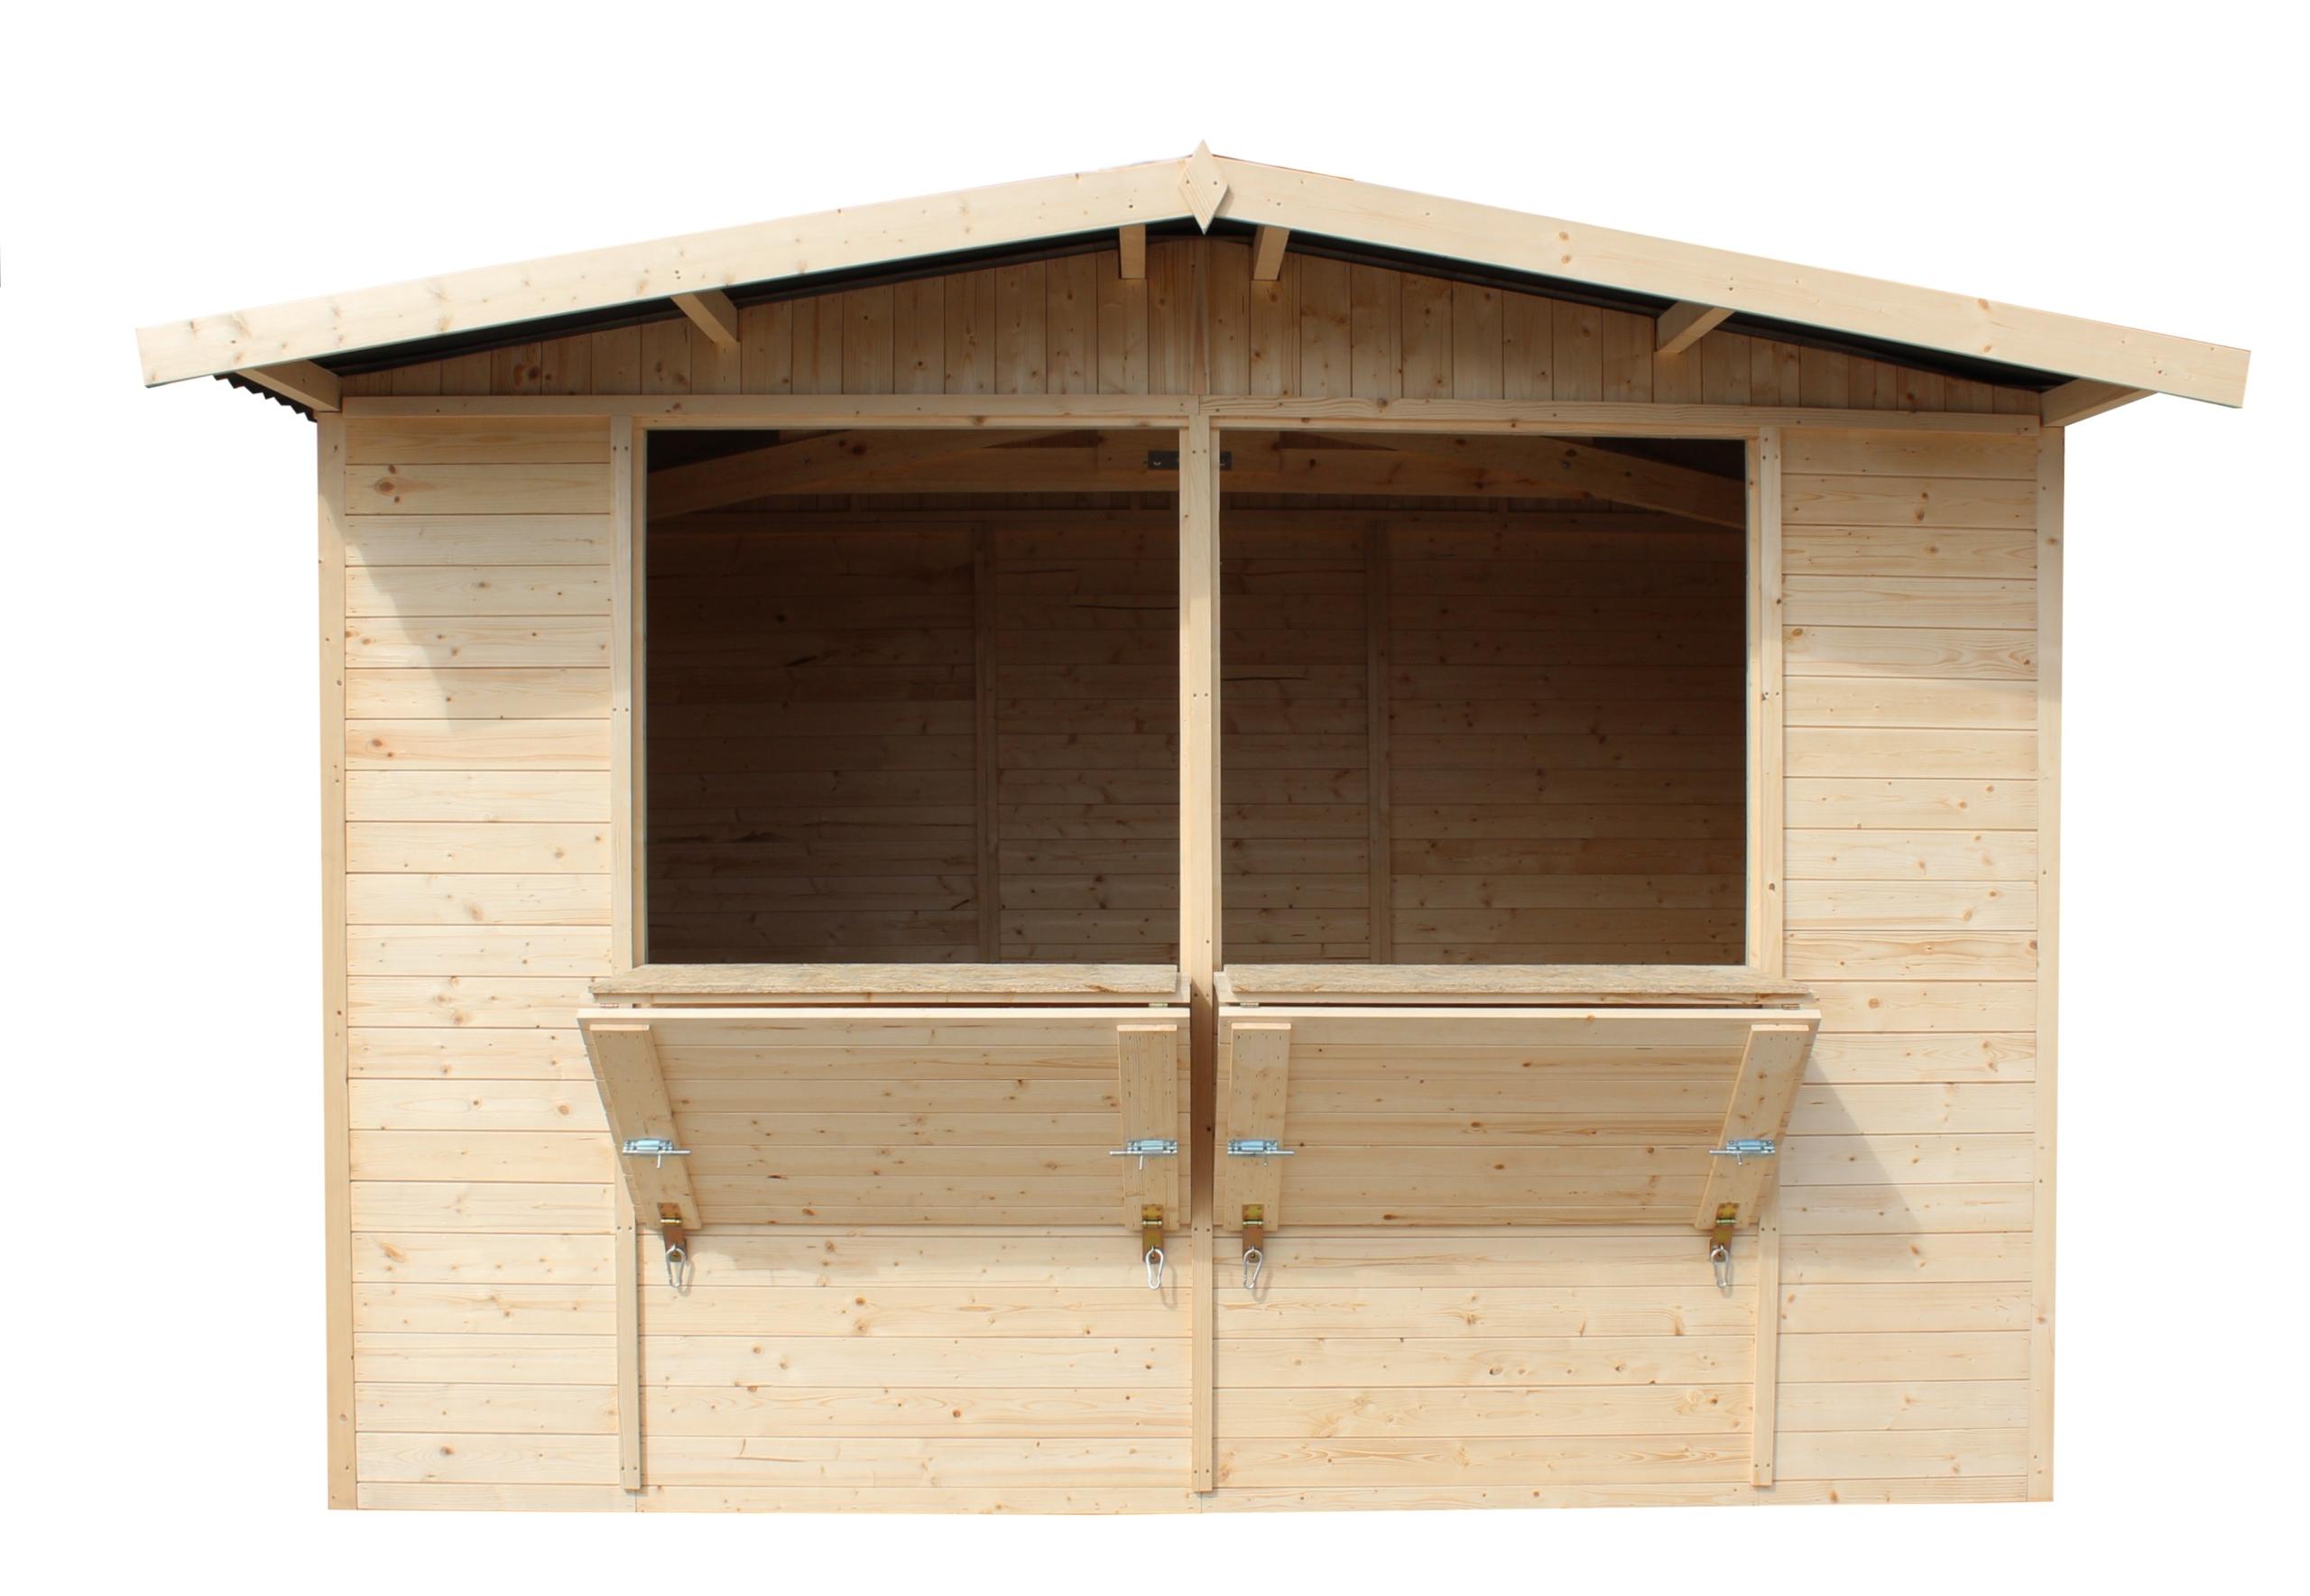 Timbela M150 Domek handlowy, drewniany kiosk - 6m²